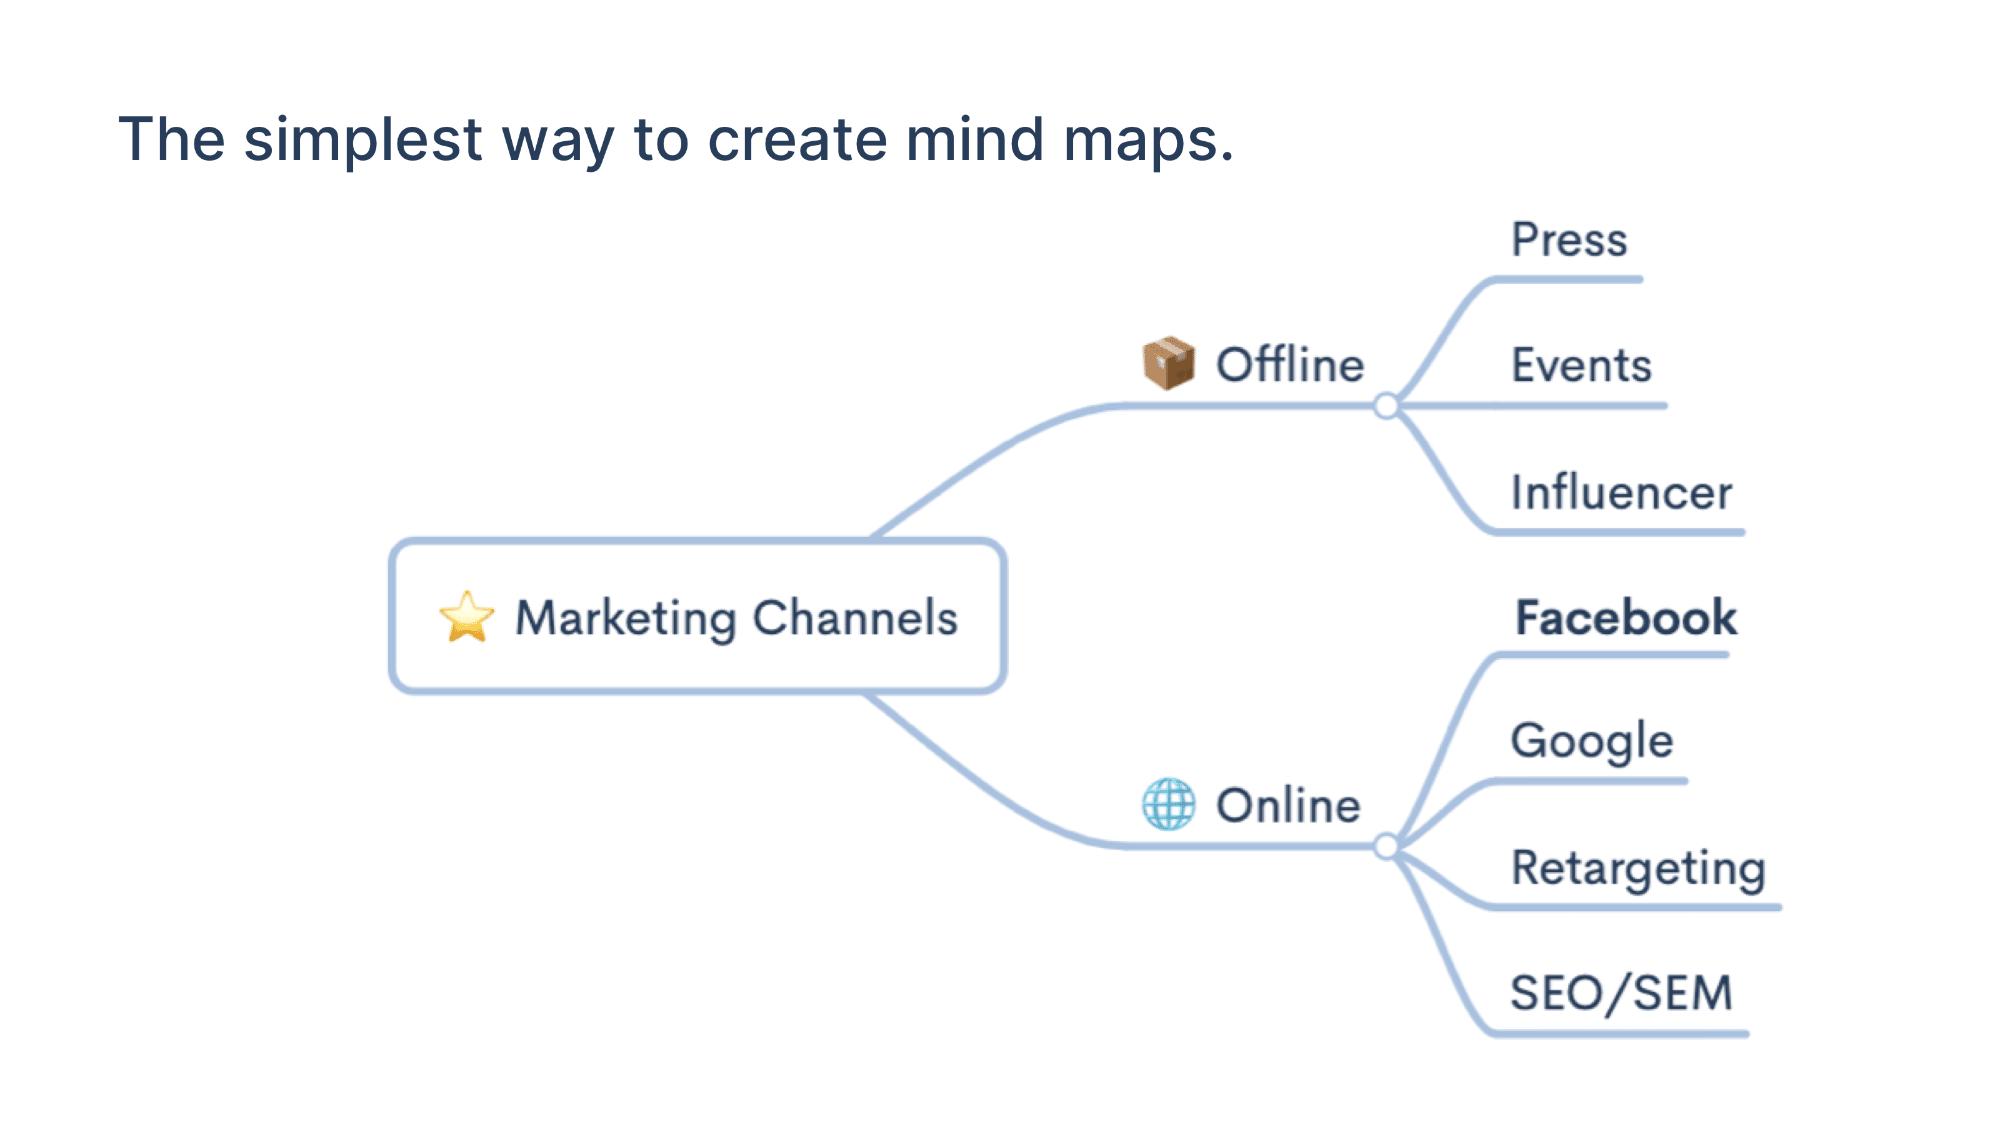 fonctionnalités dans Zen Mind Map